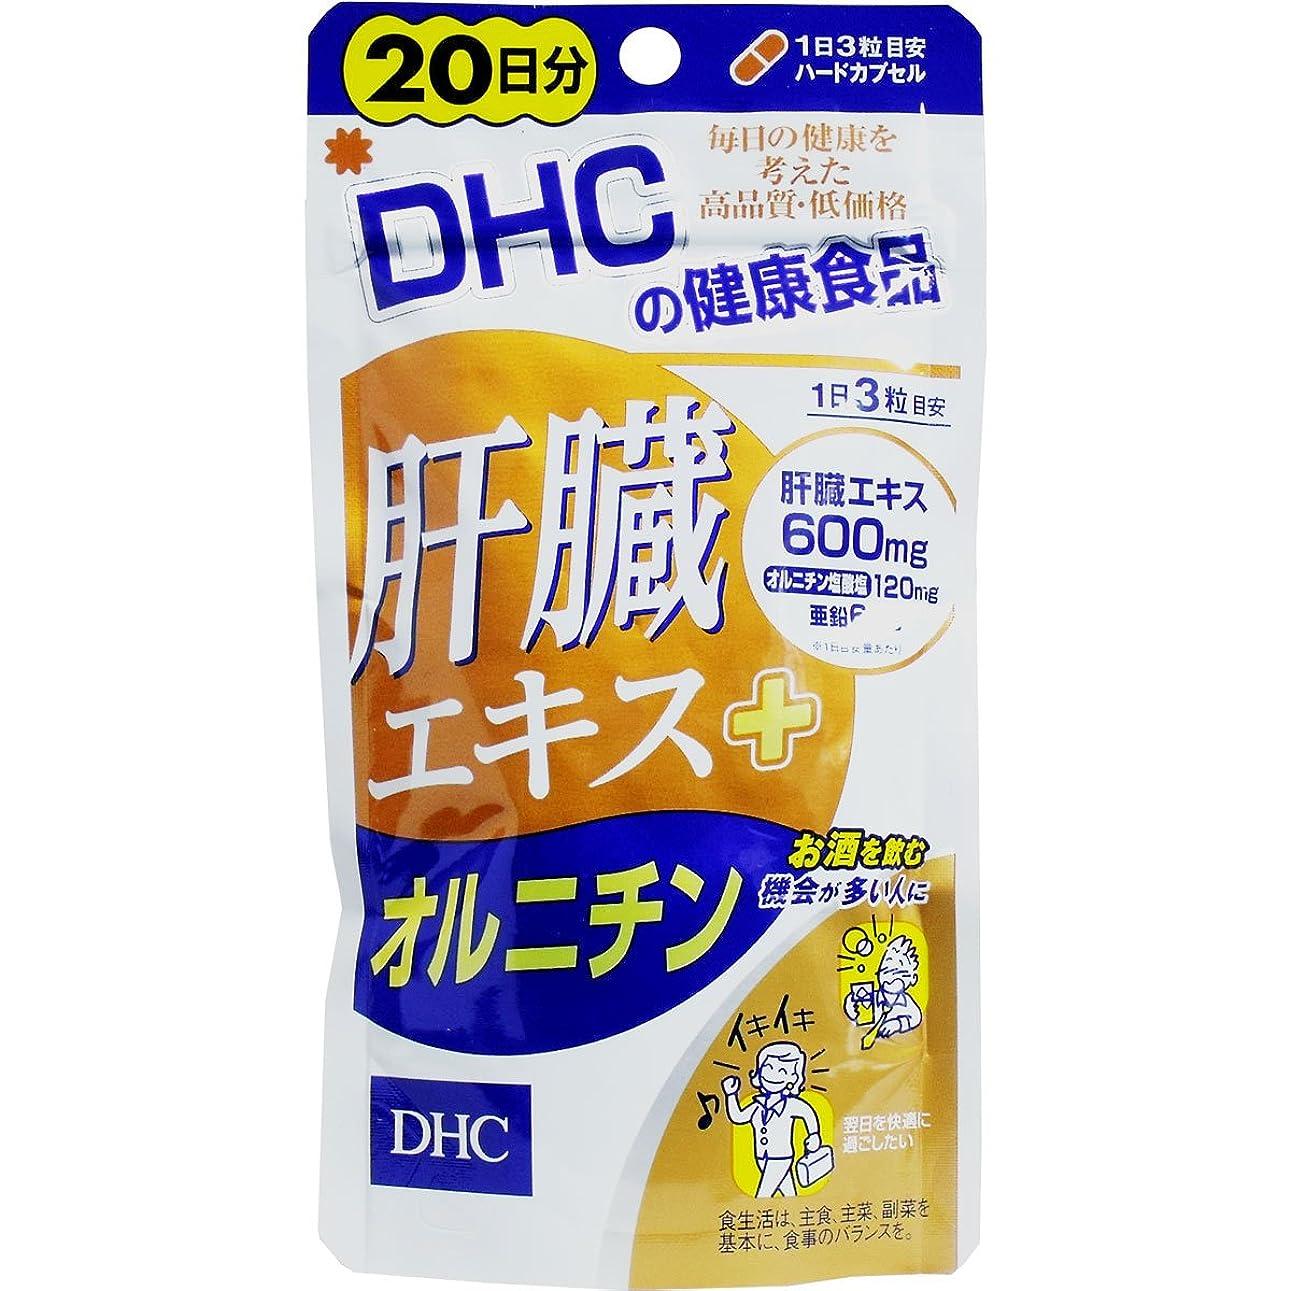 連想接ぎ木ピックDHC 肝臓エキス+オルニチン 20日分 60粒 ×2個セット